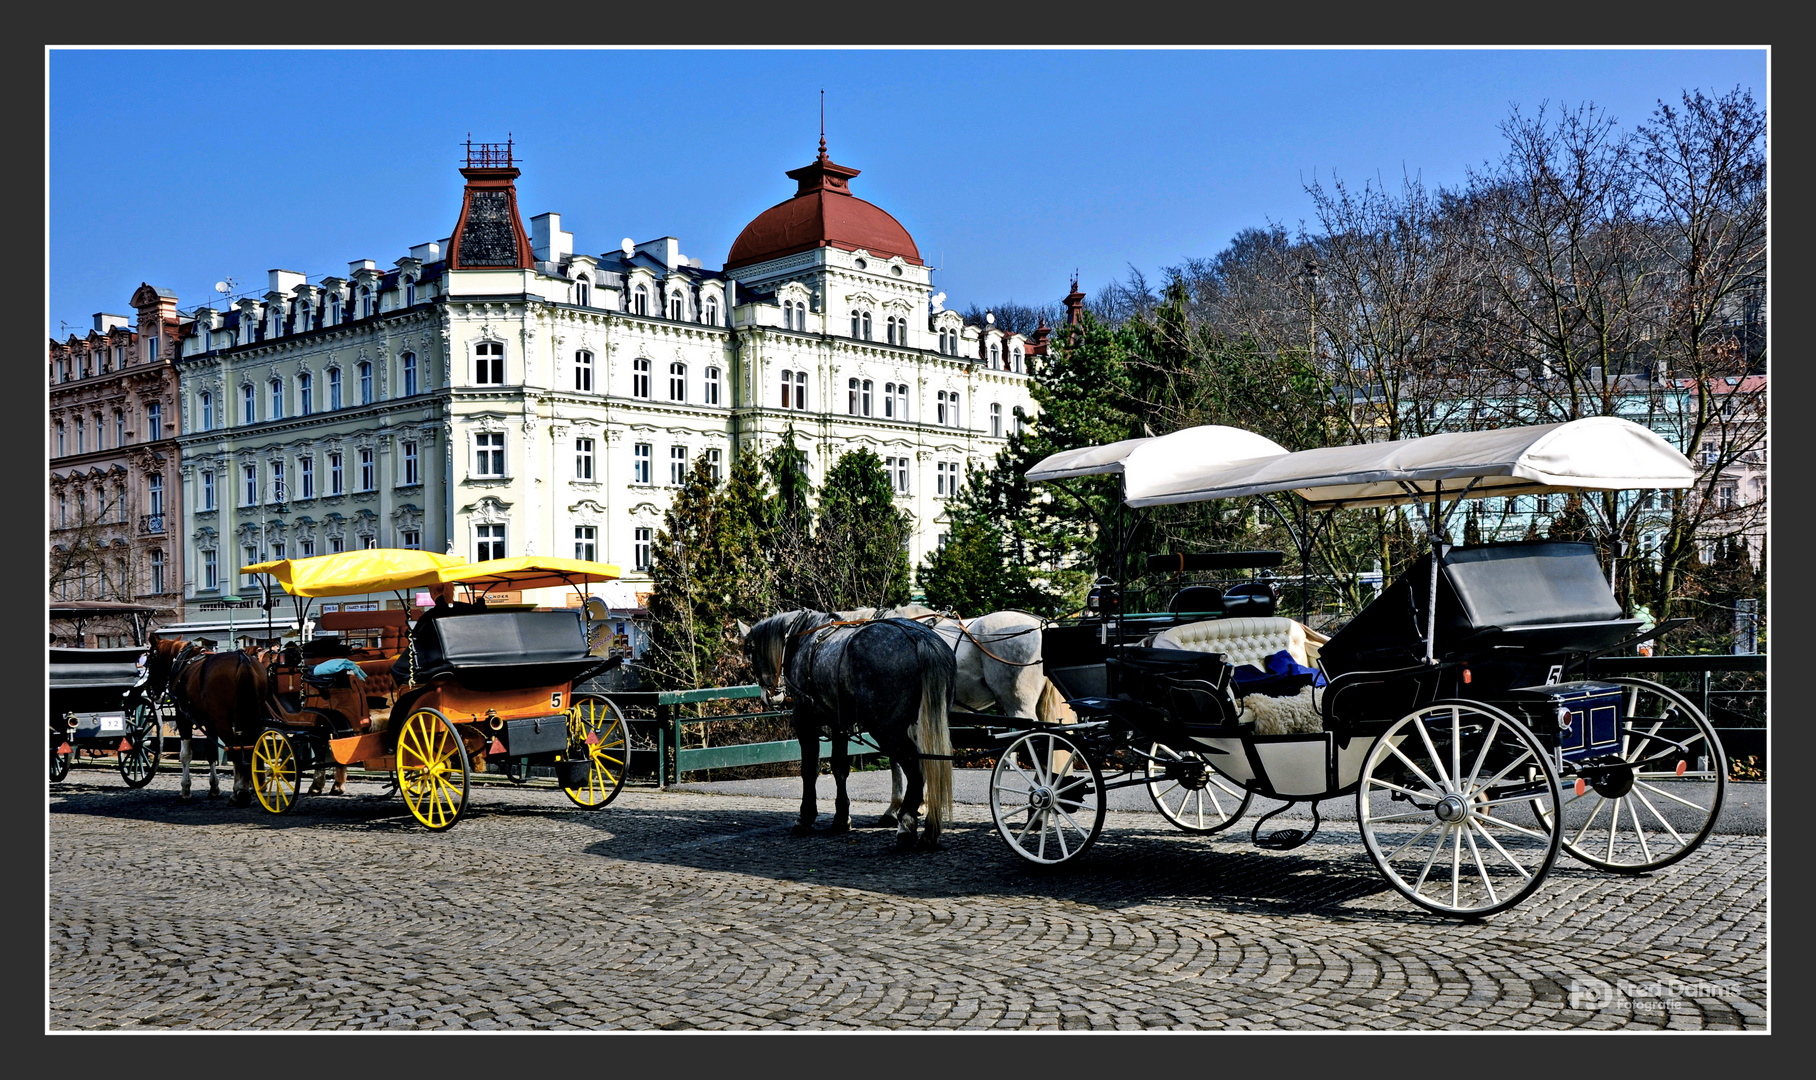 Karlsbad, Tschechien